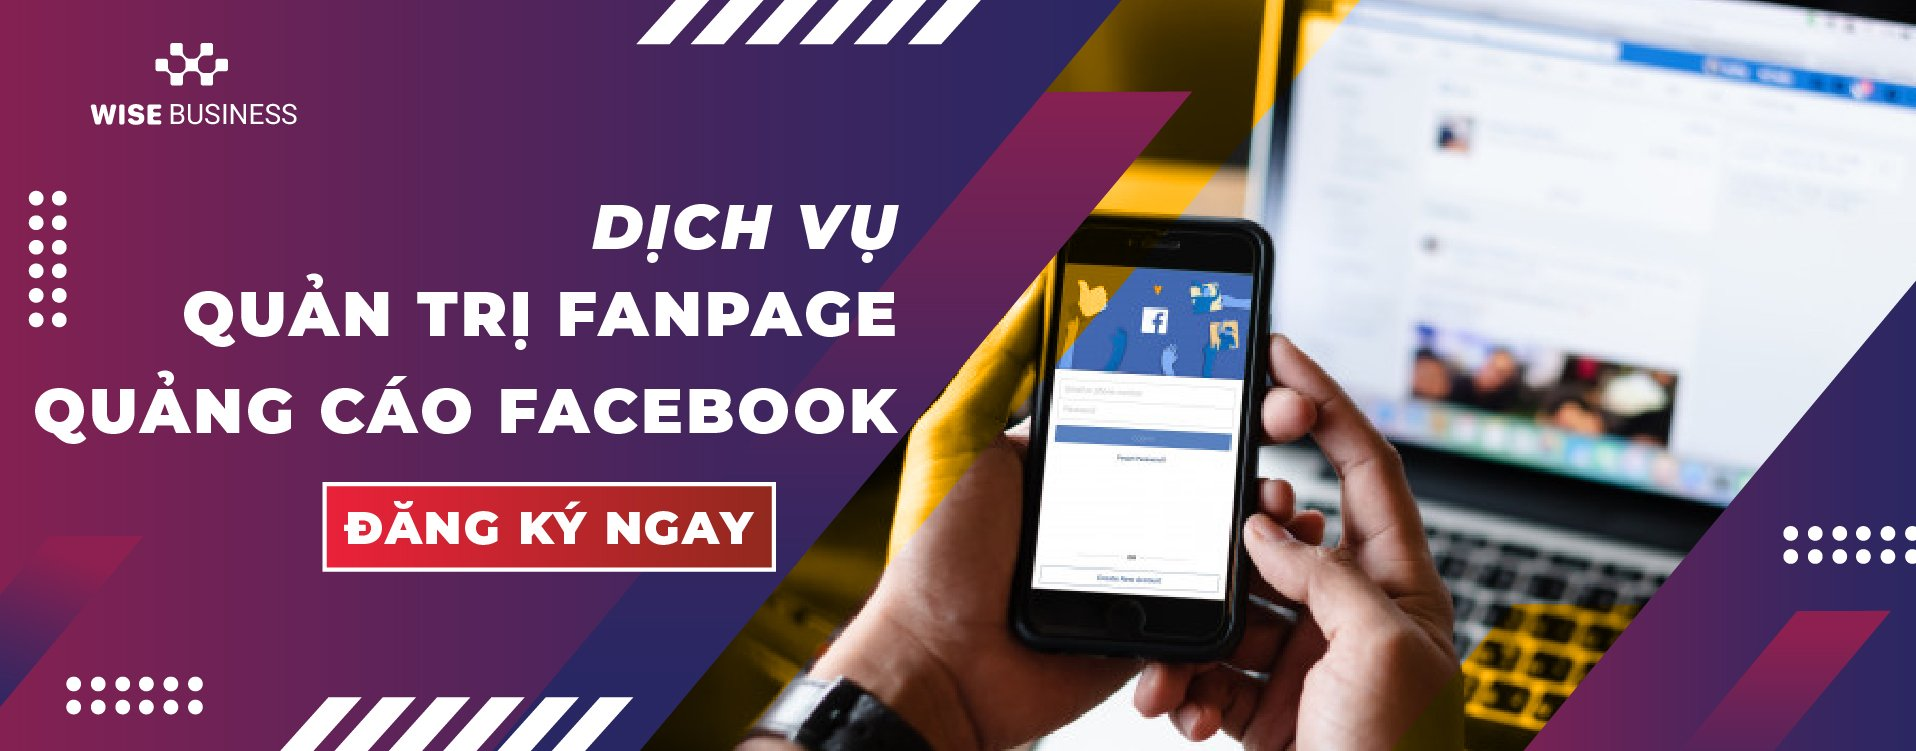 dich-vu-quan-tri-fanpage